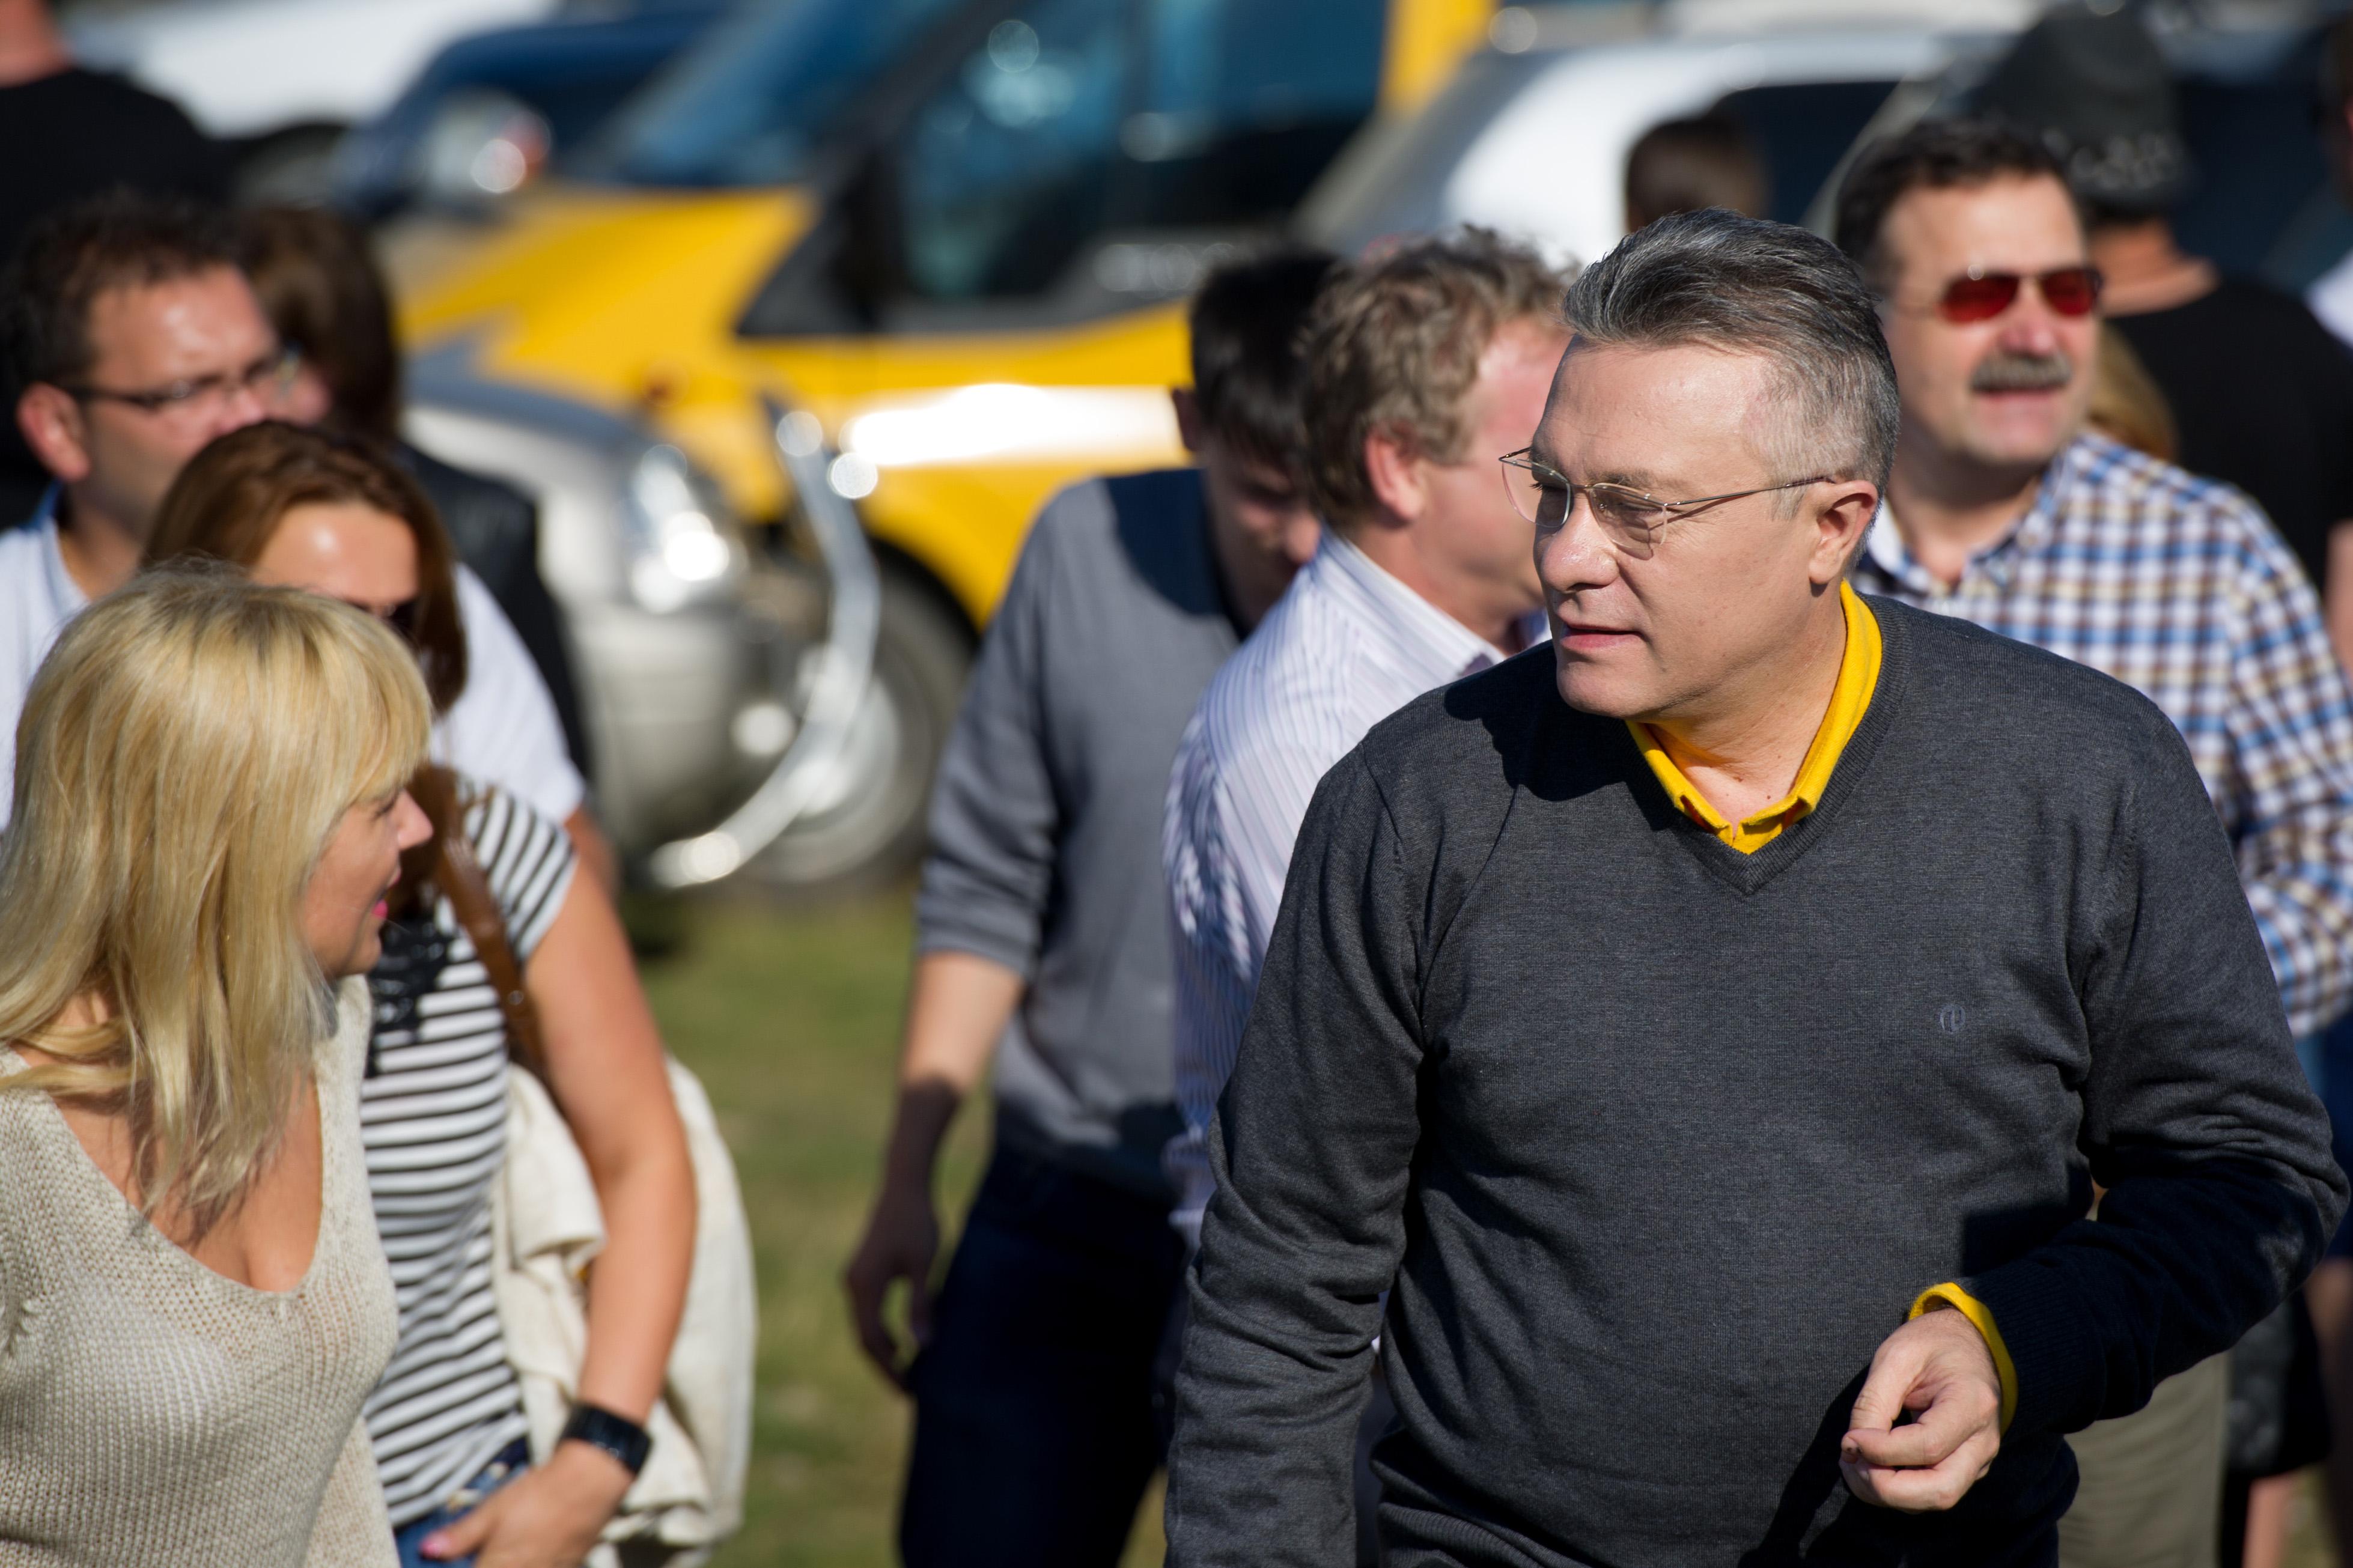 Cristian Diaconescu renunta la candidatura si o sustine pe Elena Udrea la Presedintie. Reactia liderului PMP